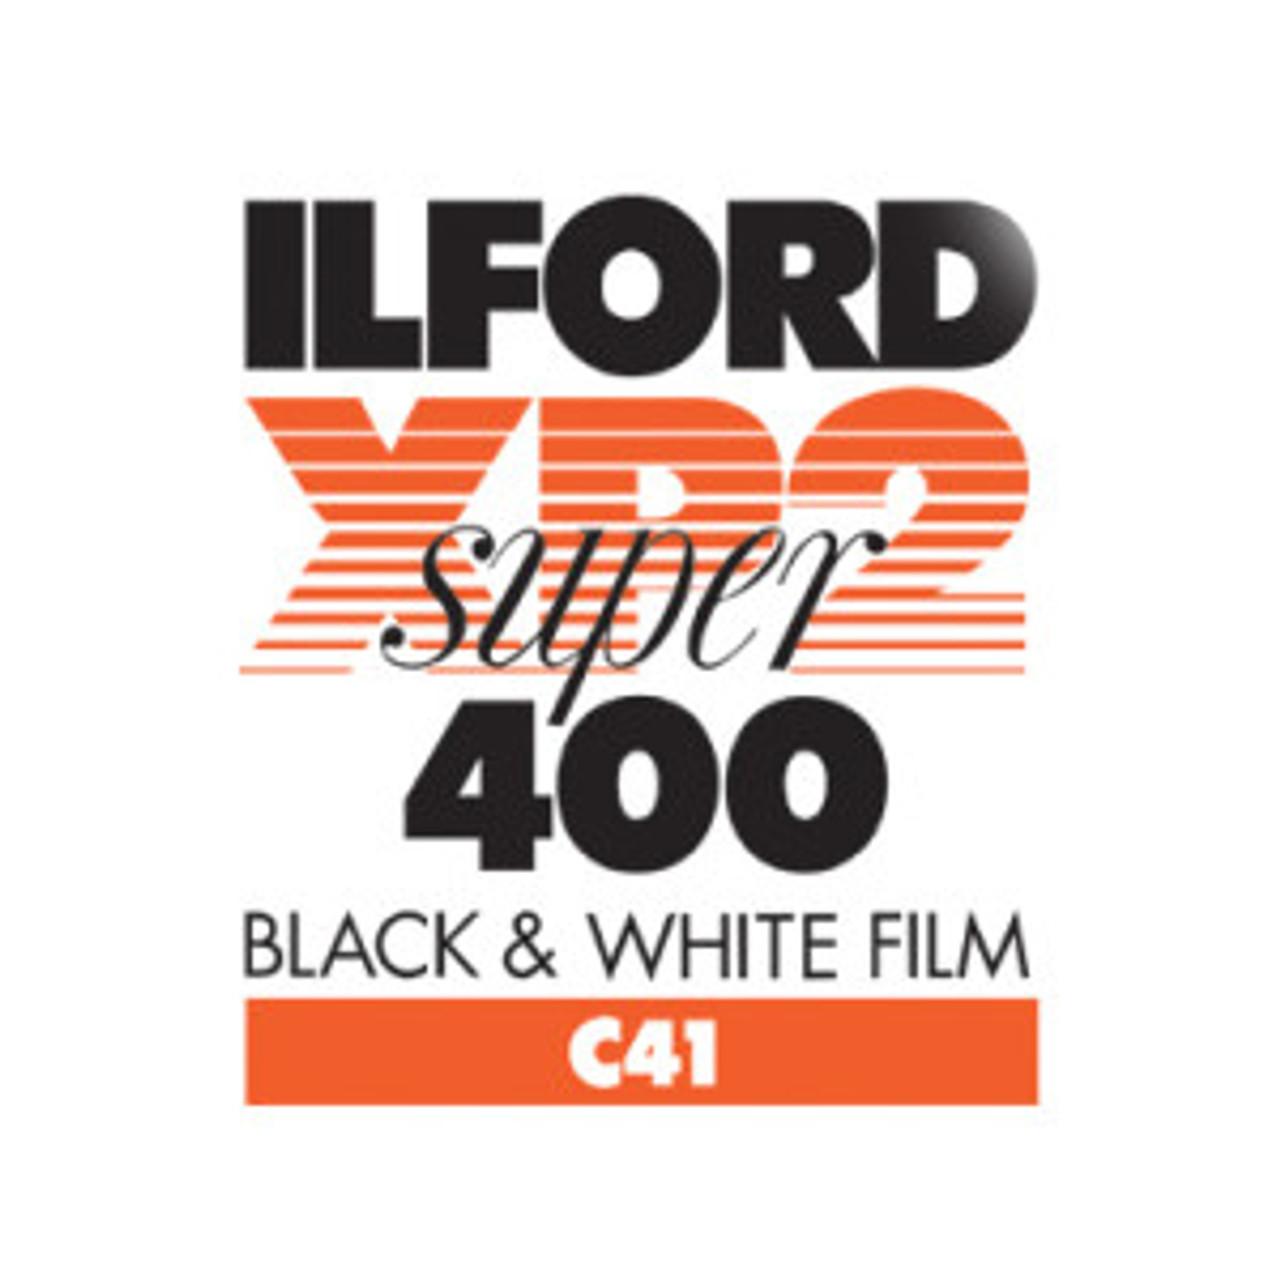 ILFORD XP2 SUPER BLACK & WHITE FILM